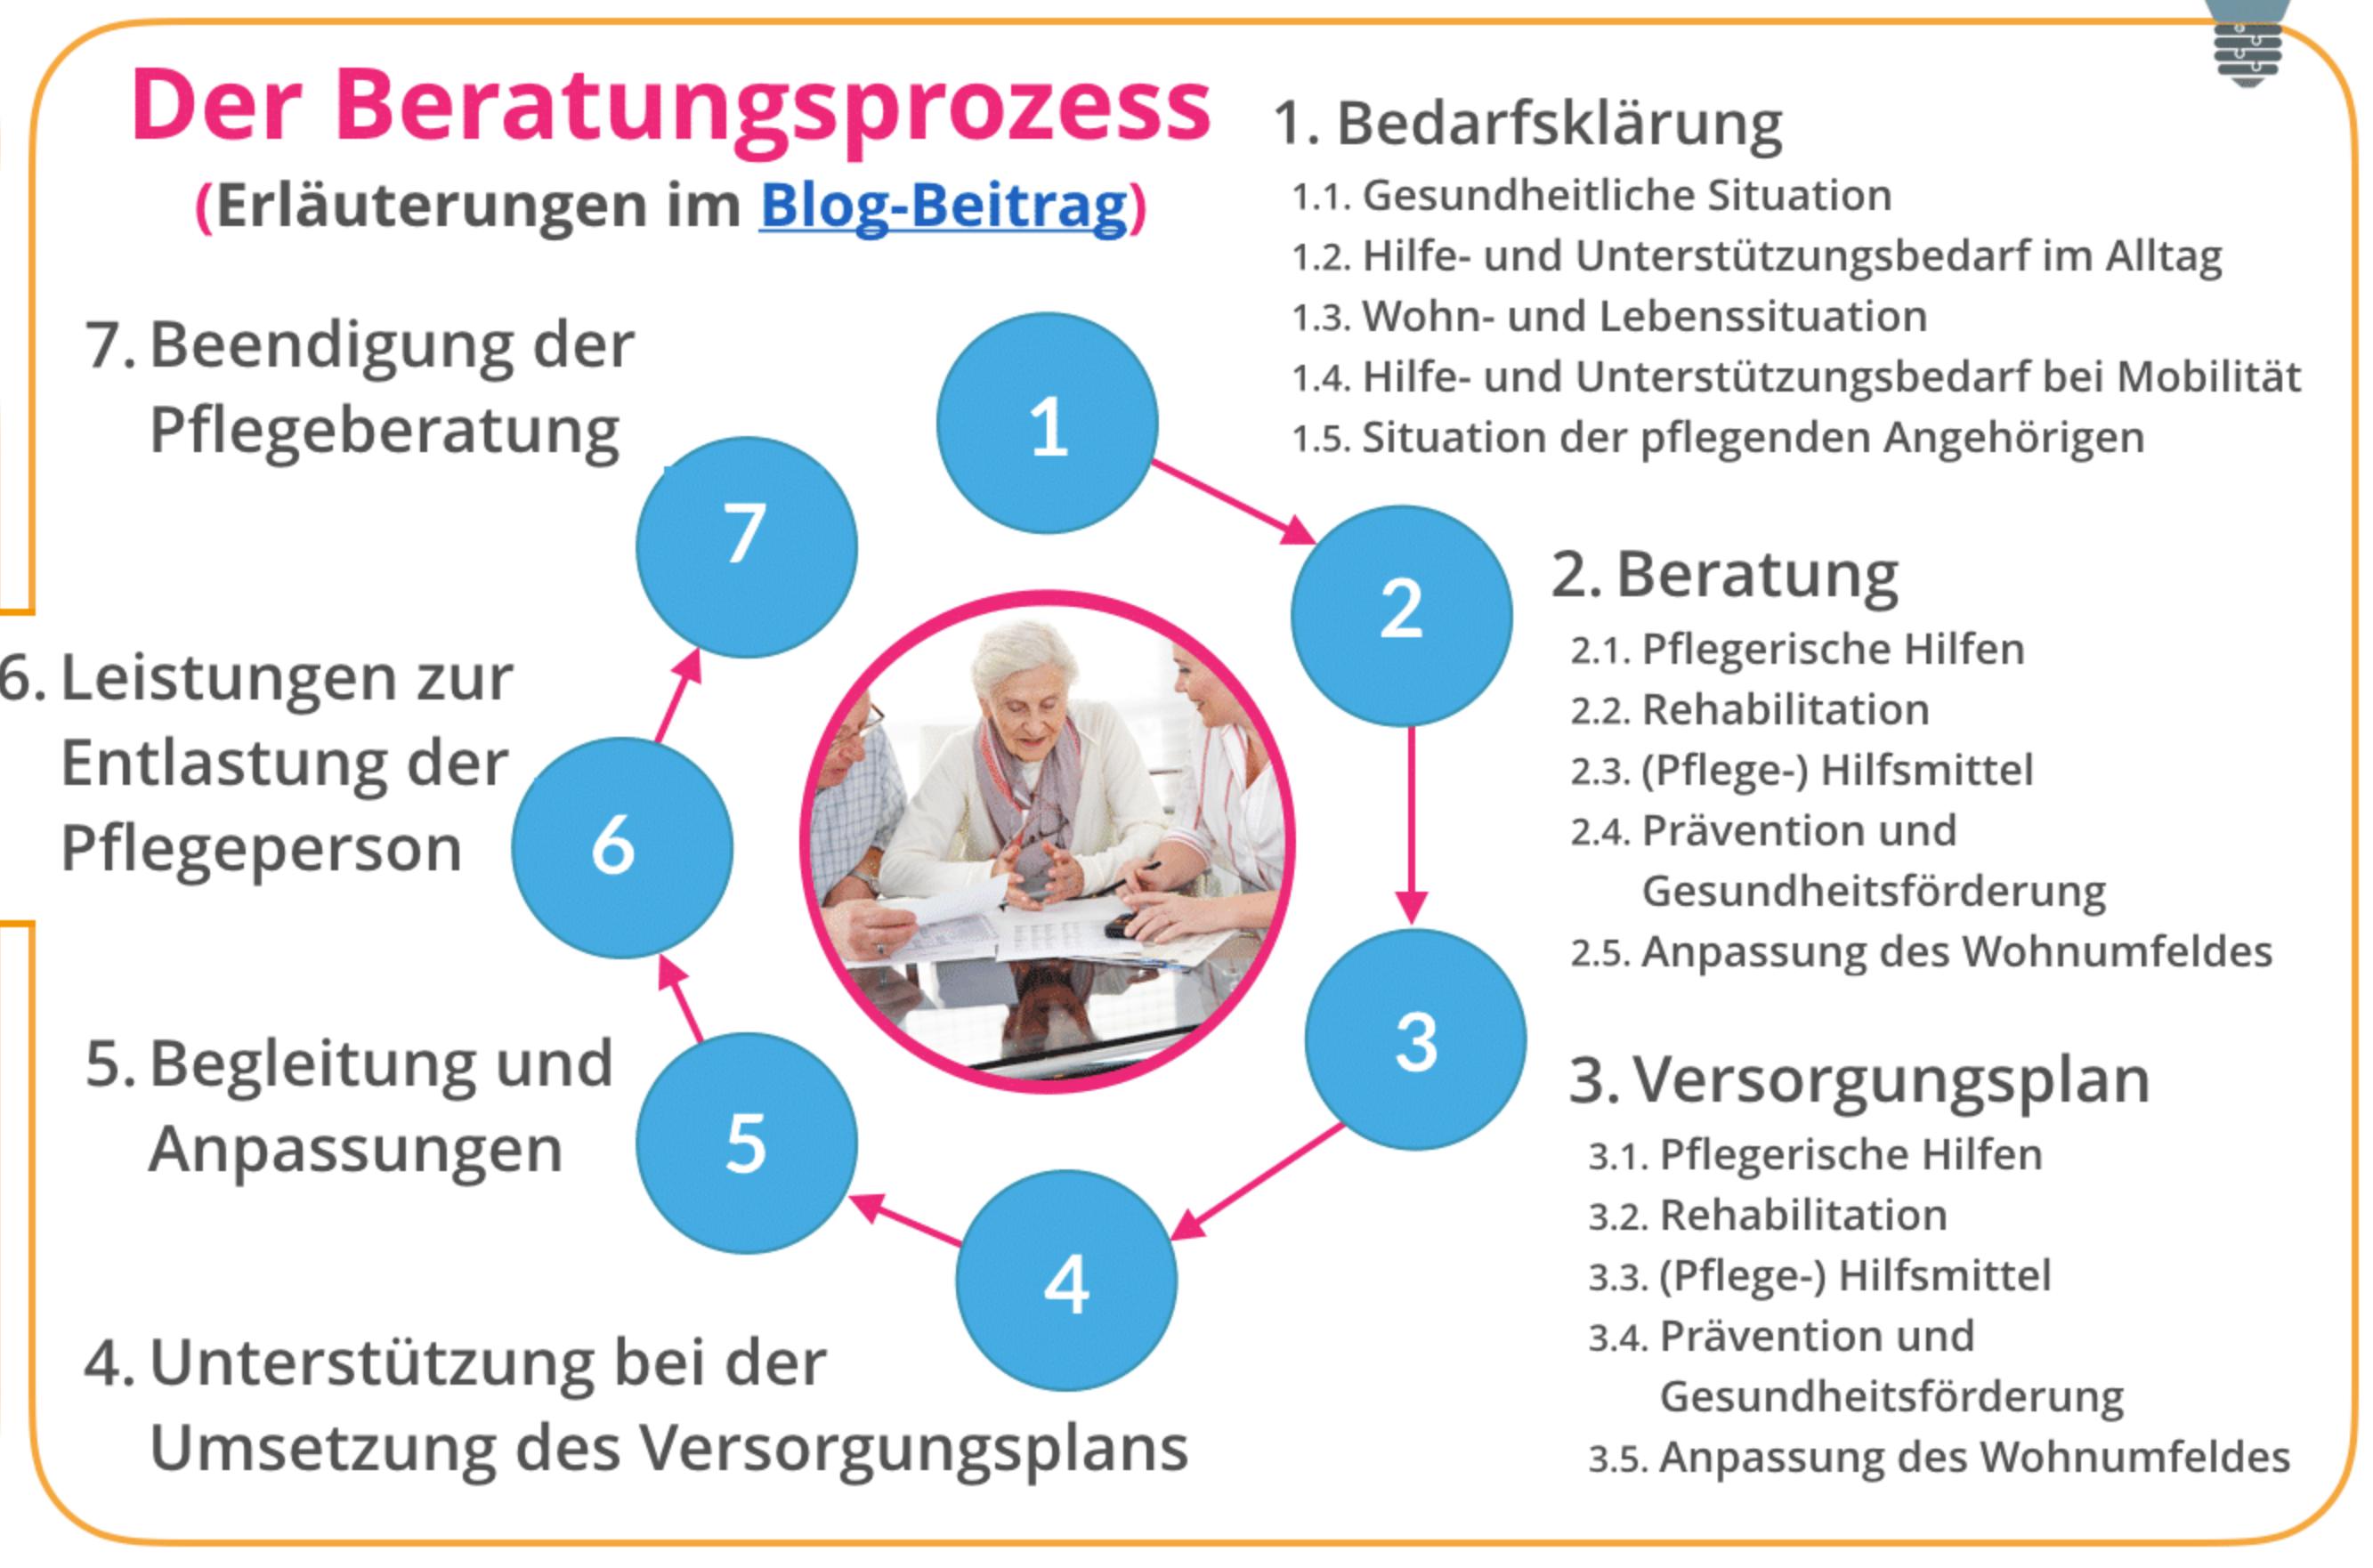 Information über Leistungen zur Entlastung der Pflegepersonen